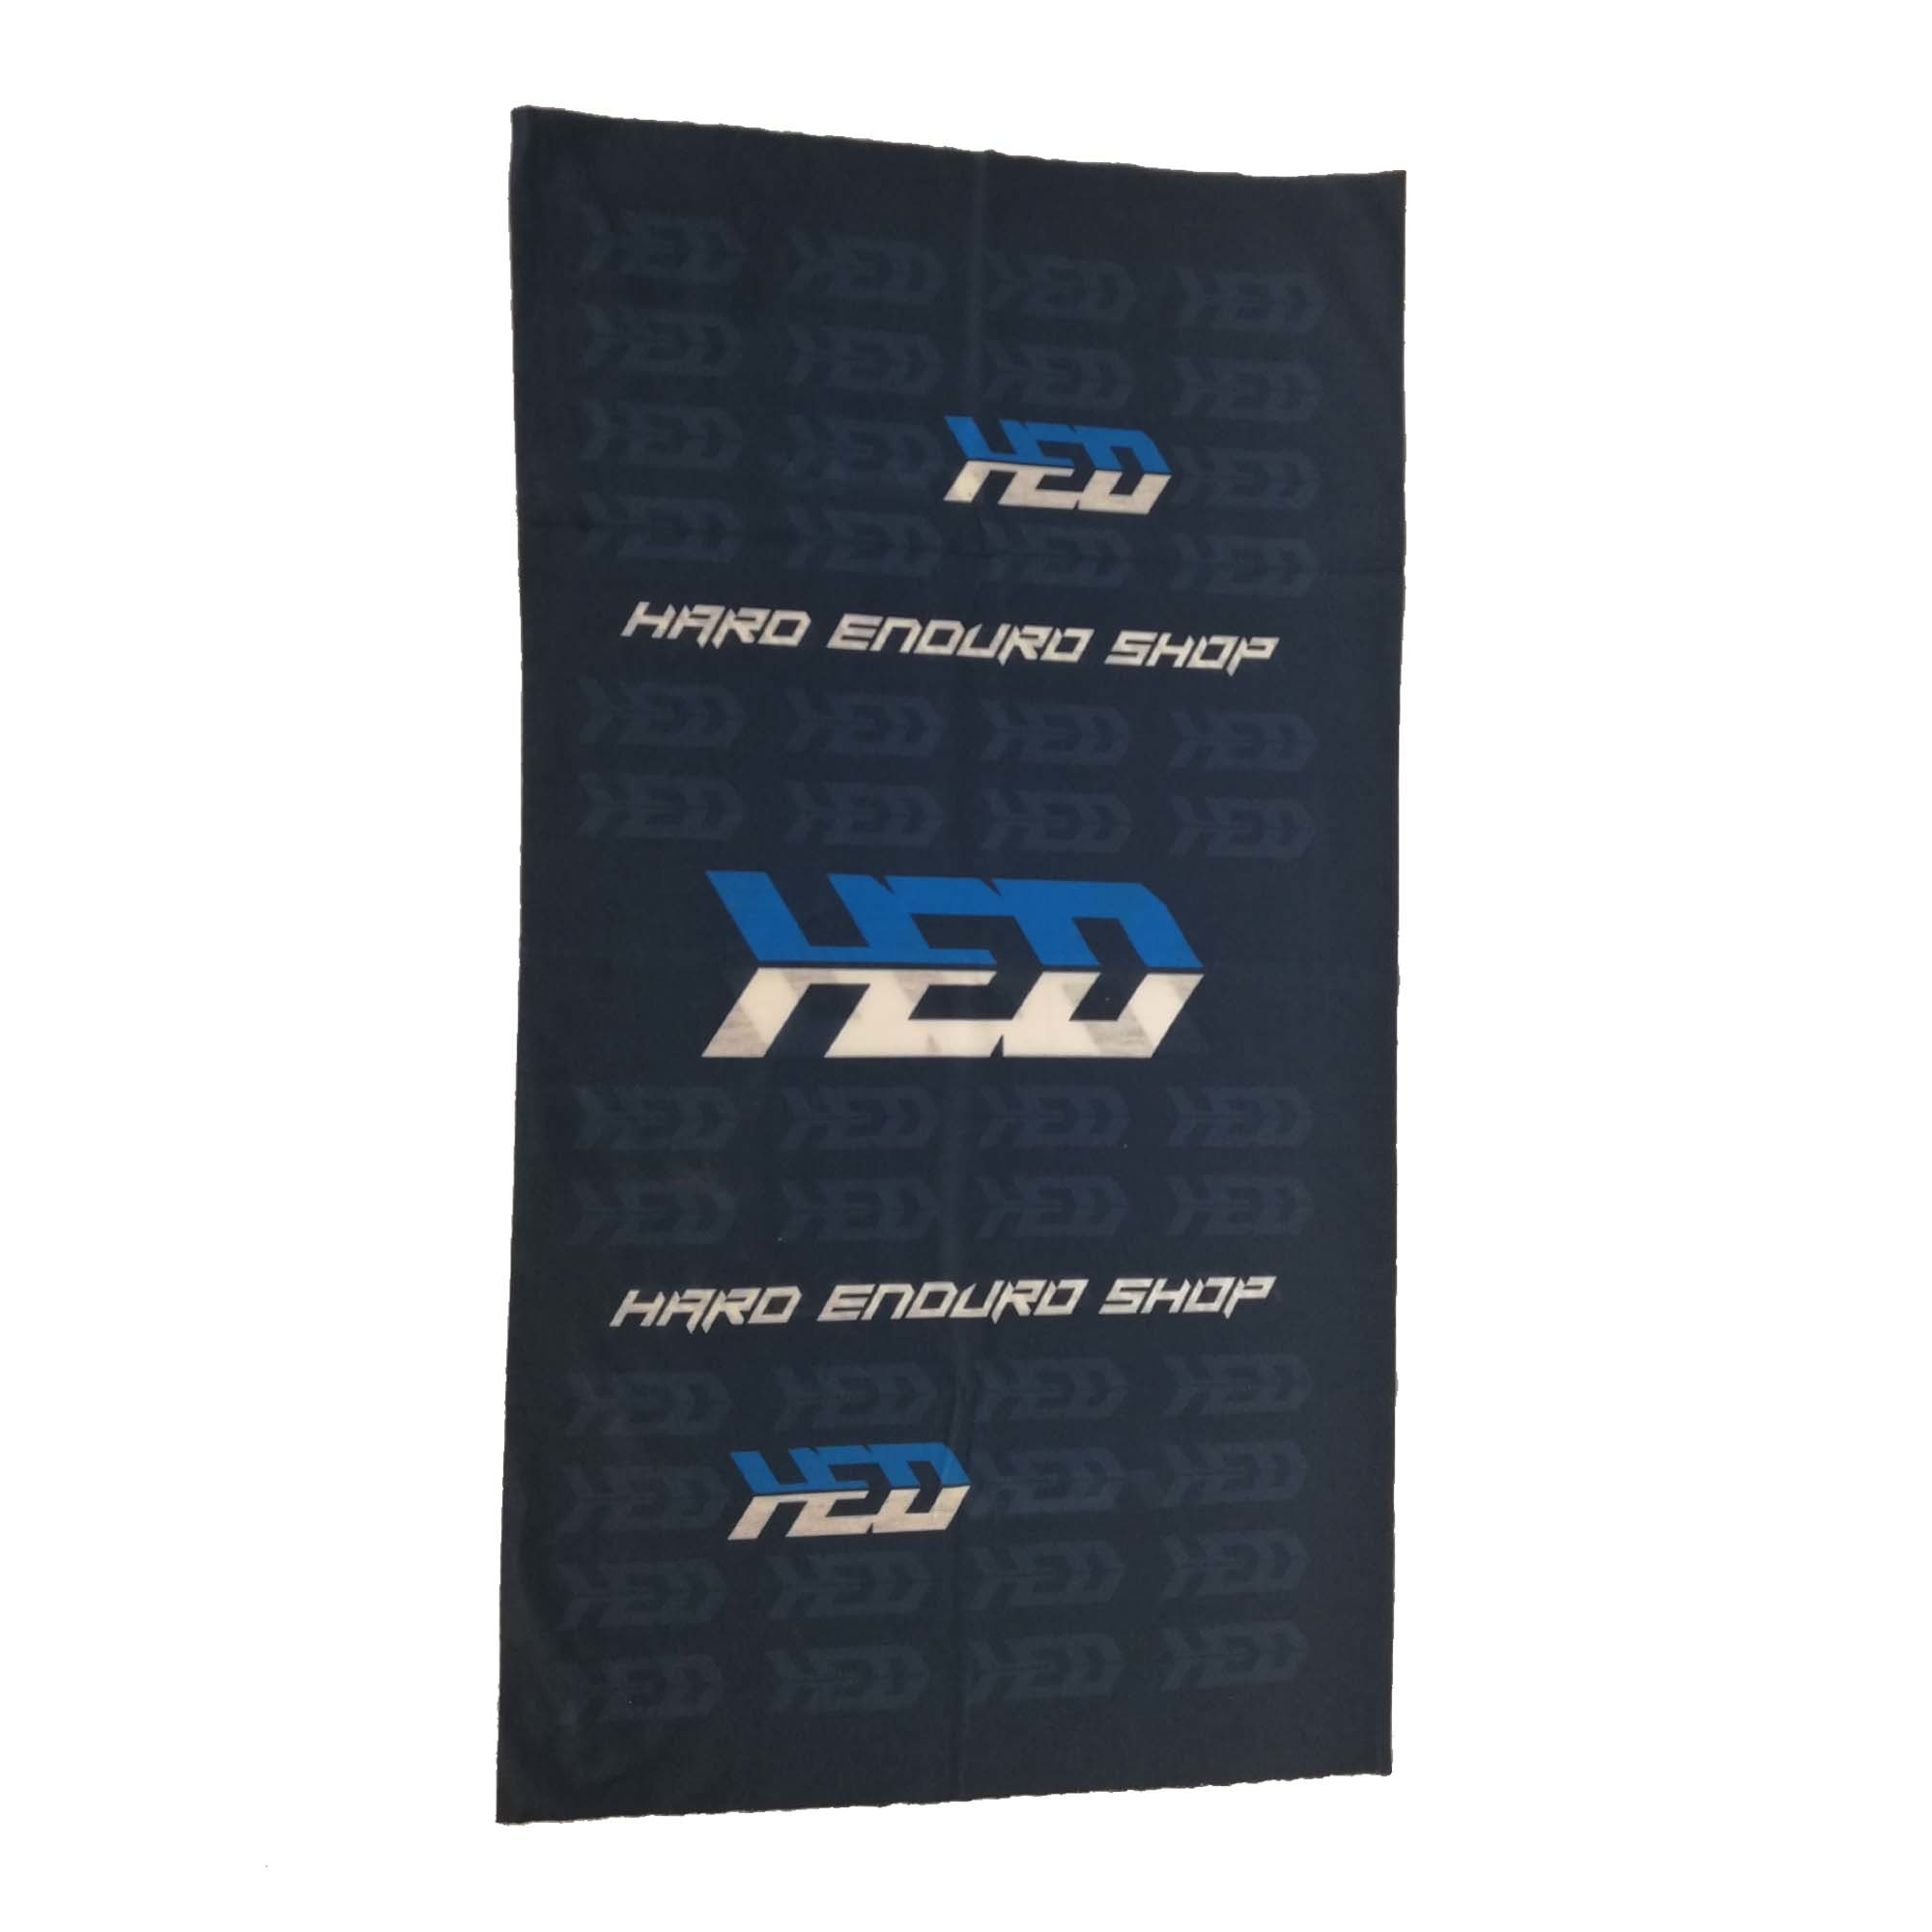 HED Hard Enduro Shop Headband